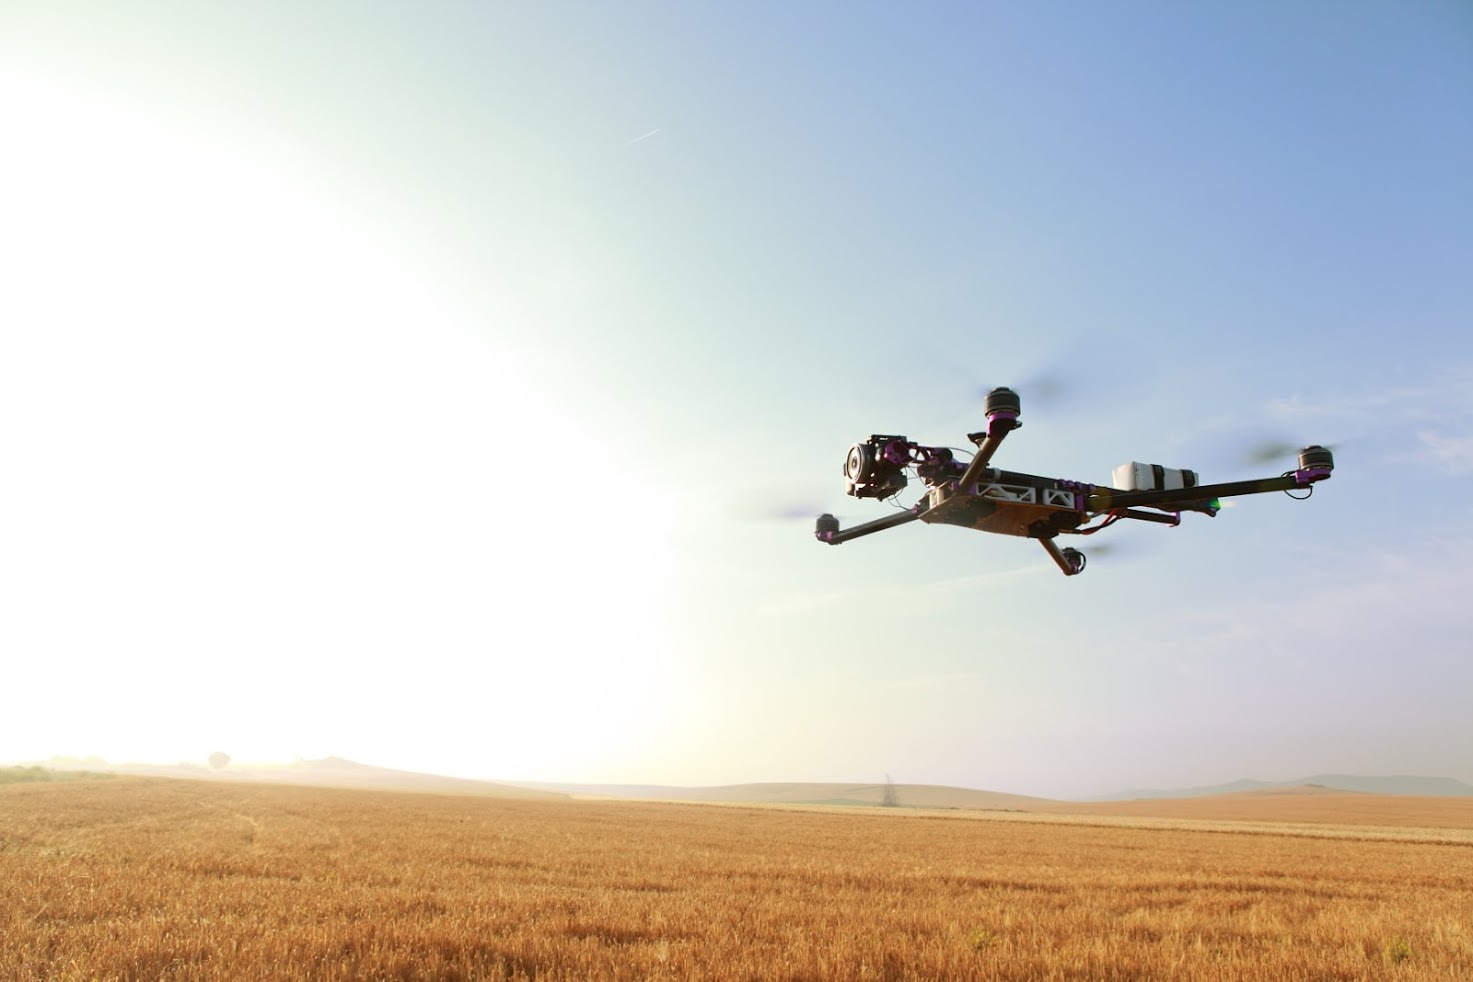 Un drone avistando un zona agrícola.